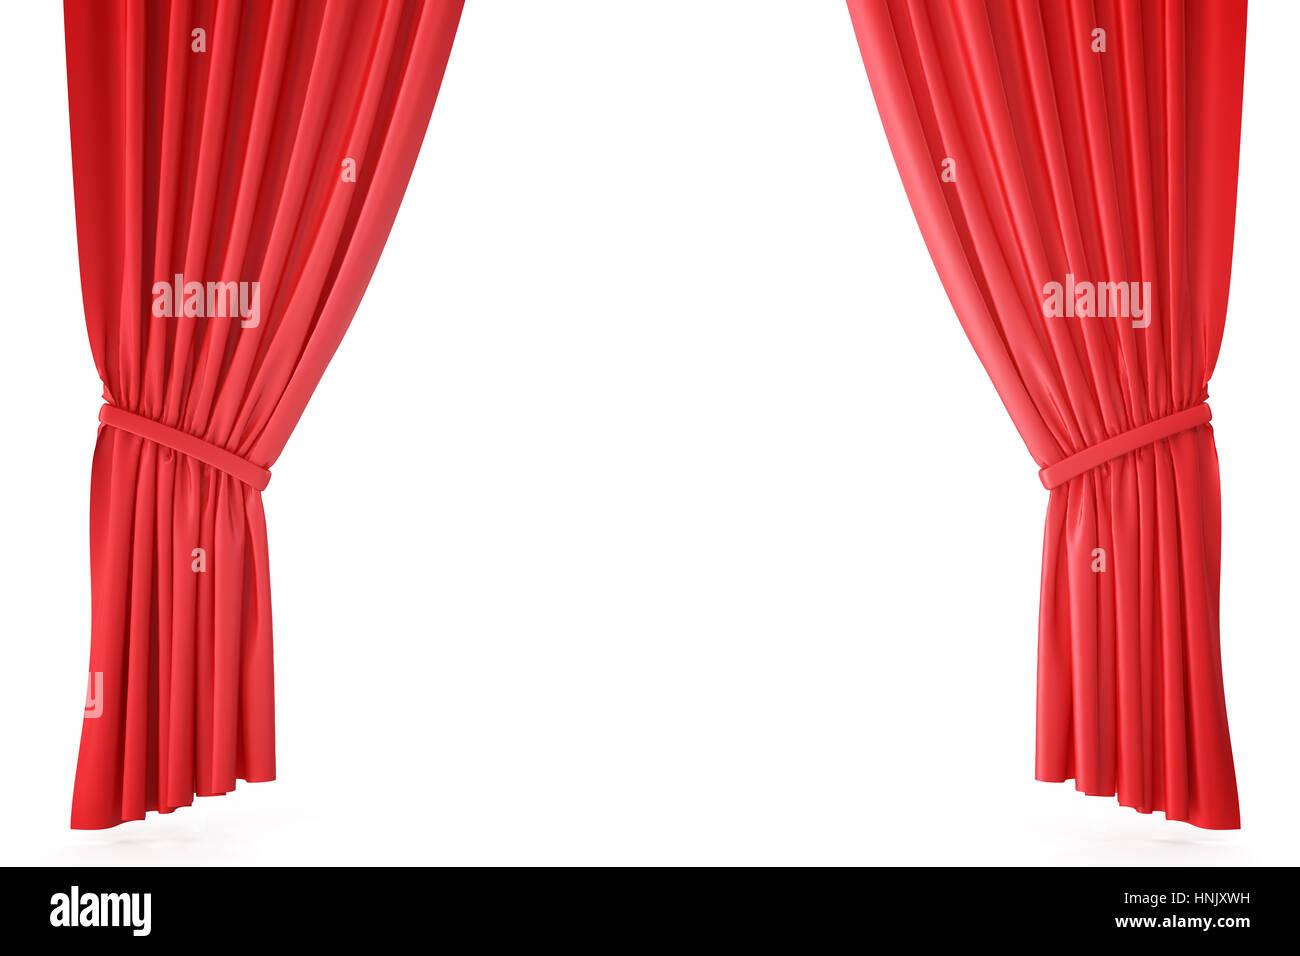 Rideaux de scène en velours rouge cramoisi, draperie de théâtre. Des ...